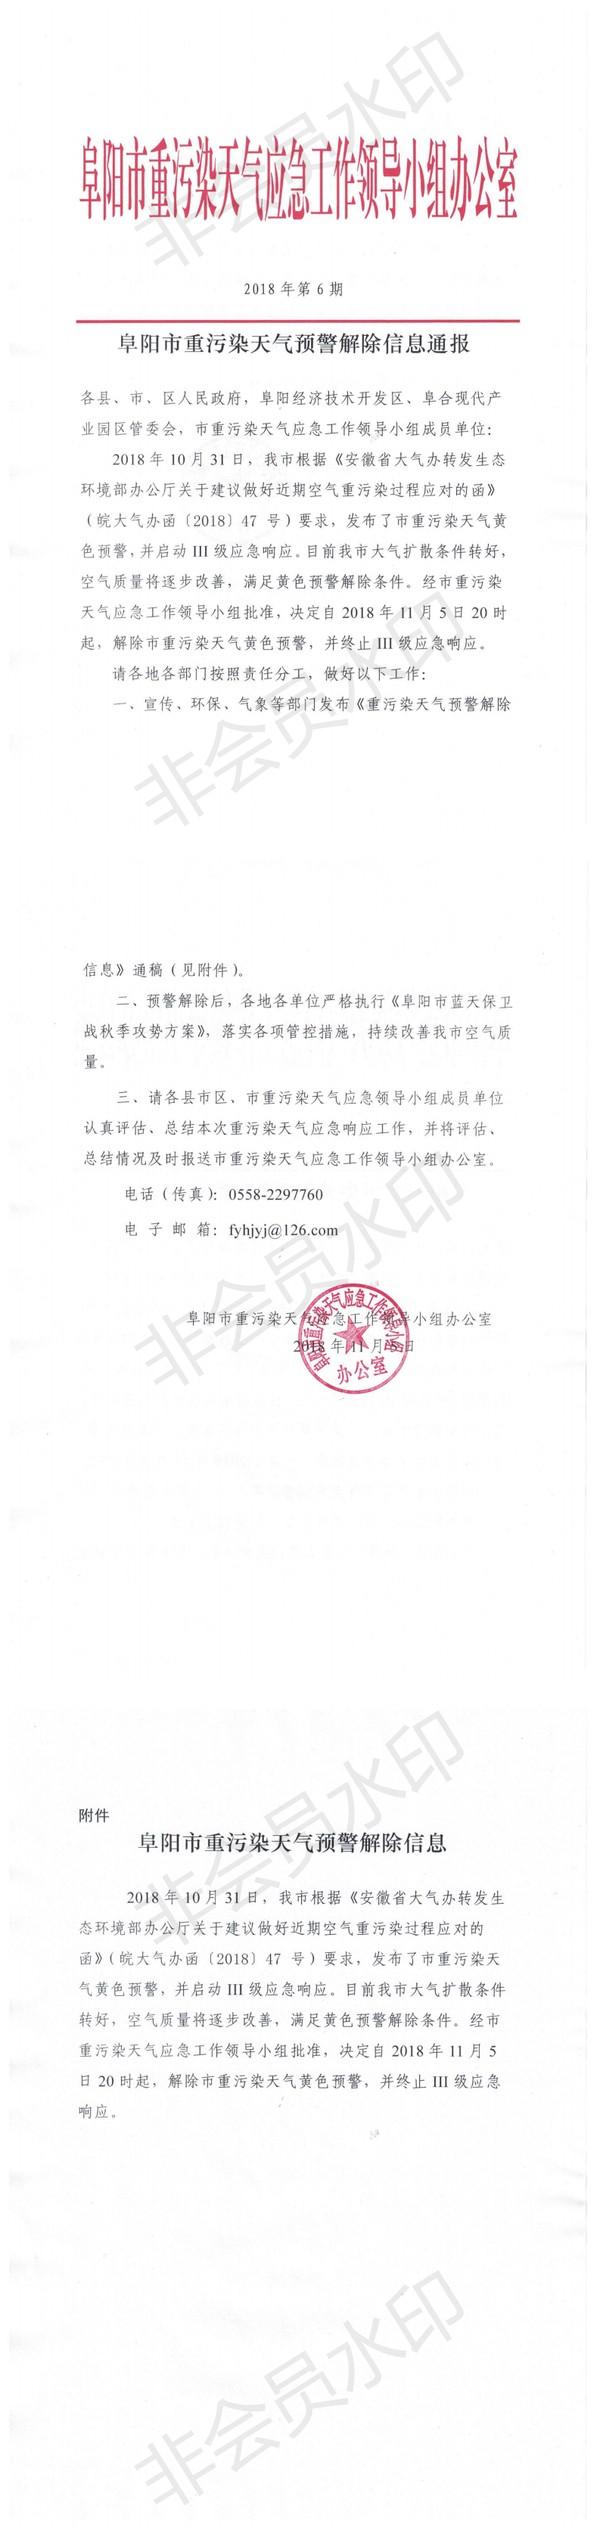 阜阳市重污染天气预警解除信息通报_0.png